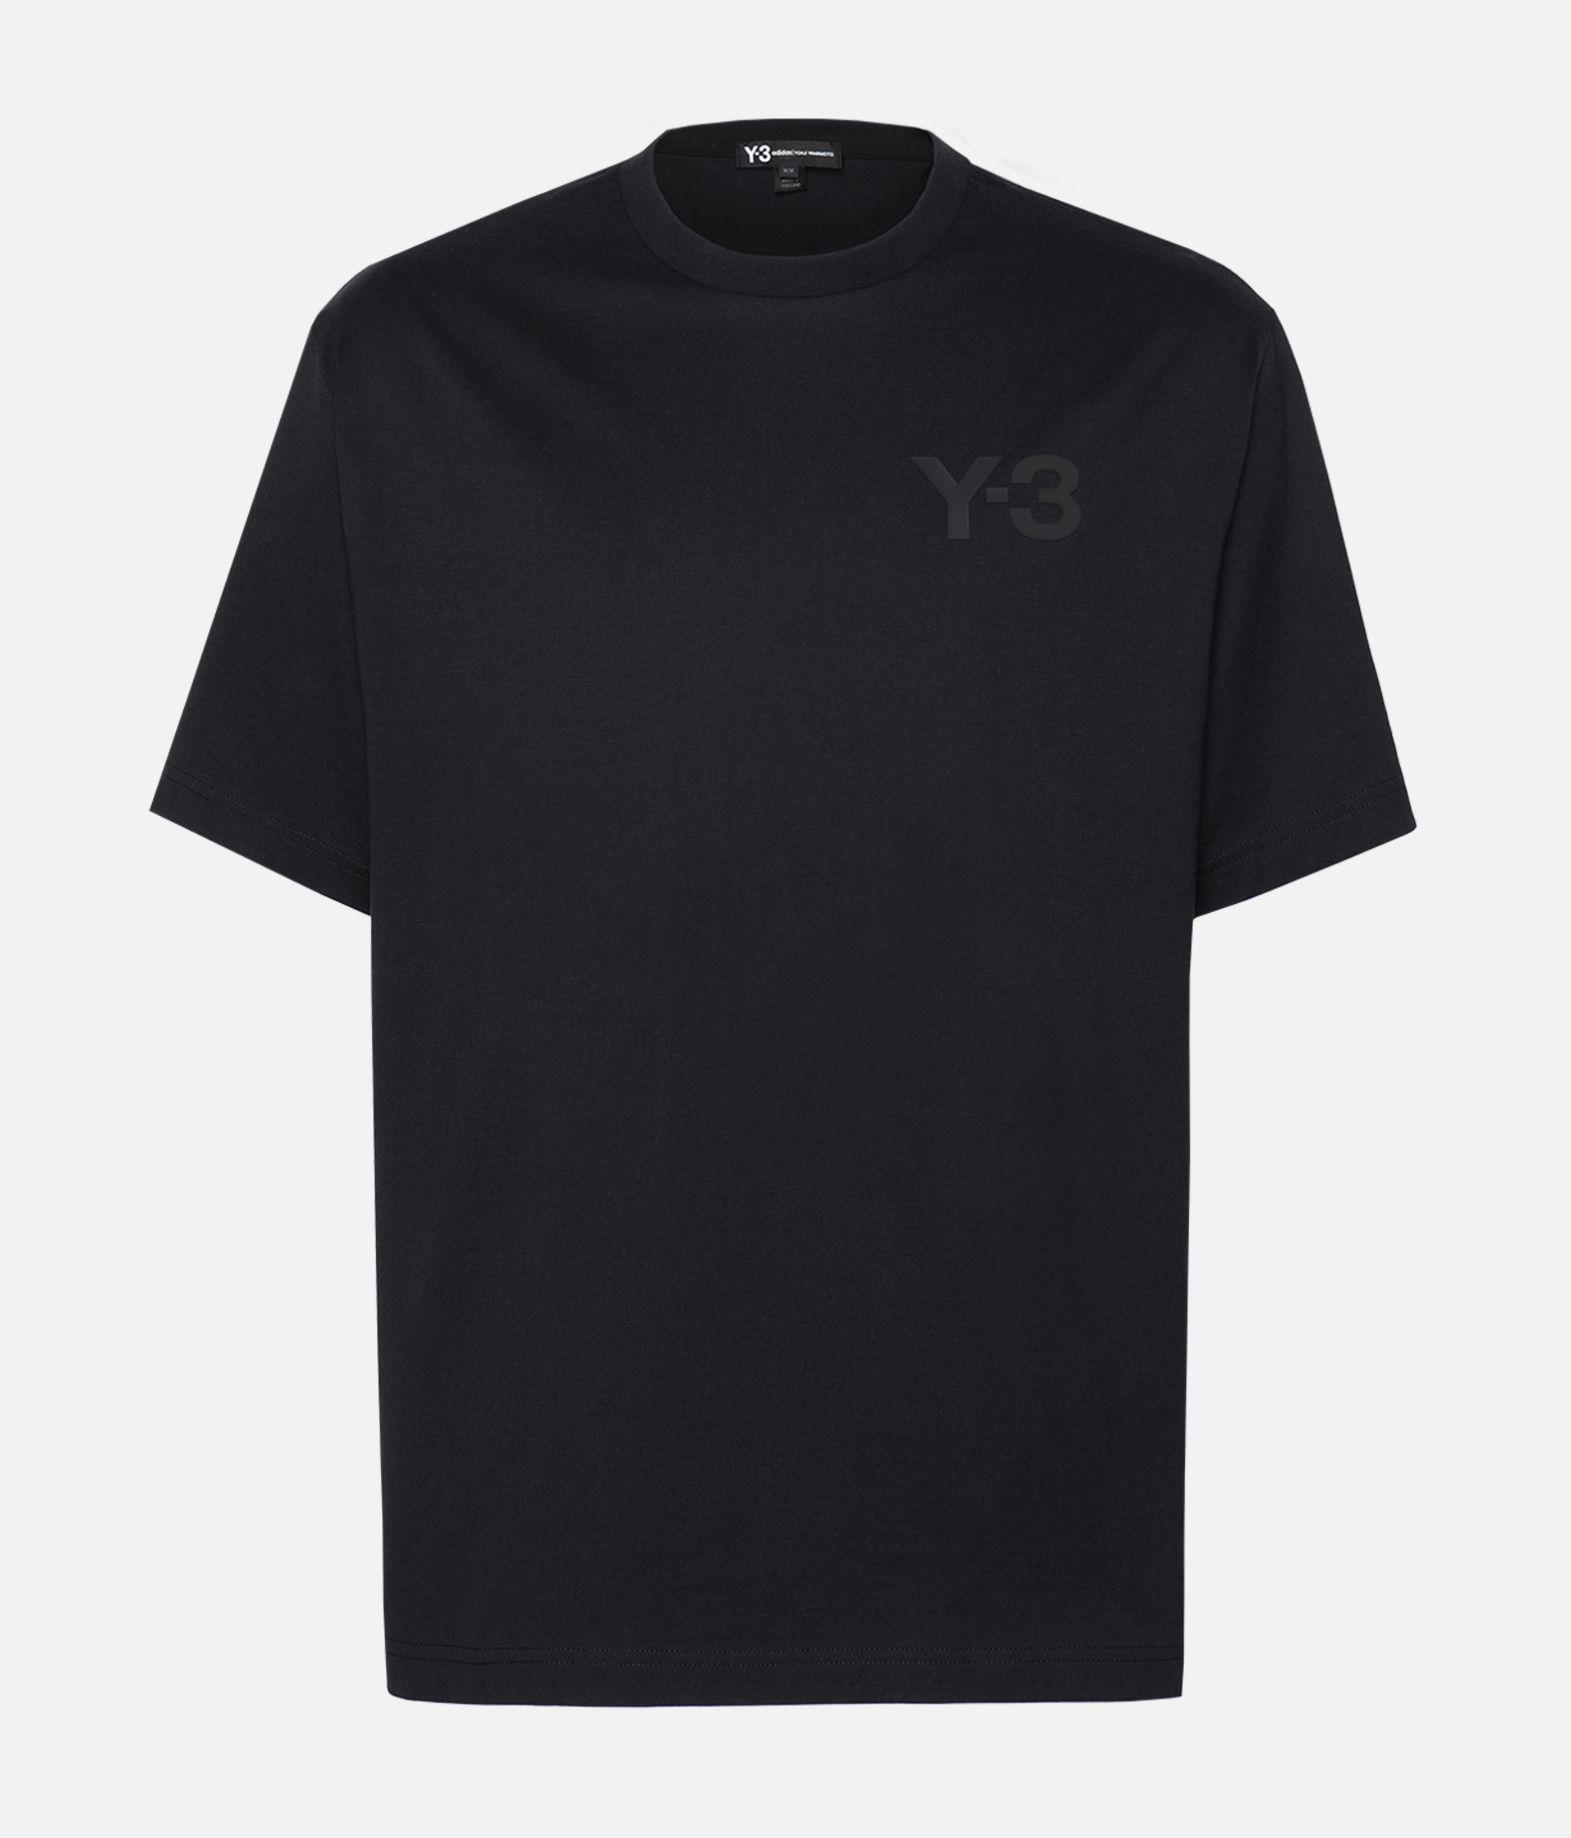 Y-3 Y-3 Logo Tee T-shirt maniche corte Uomo f